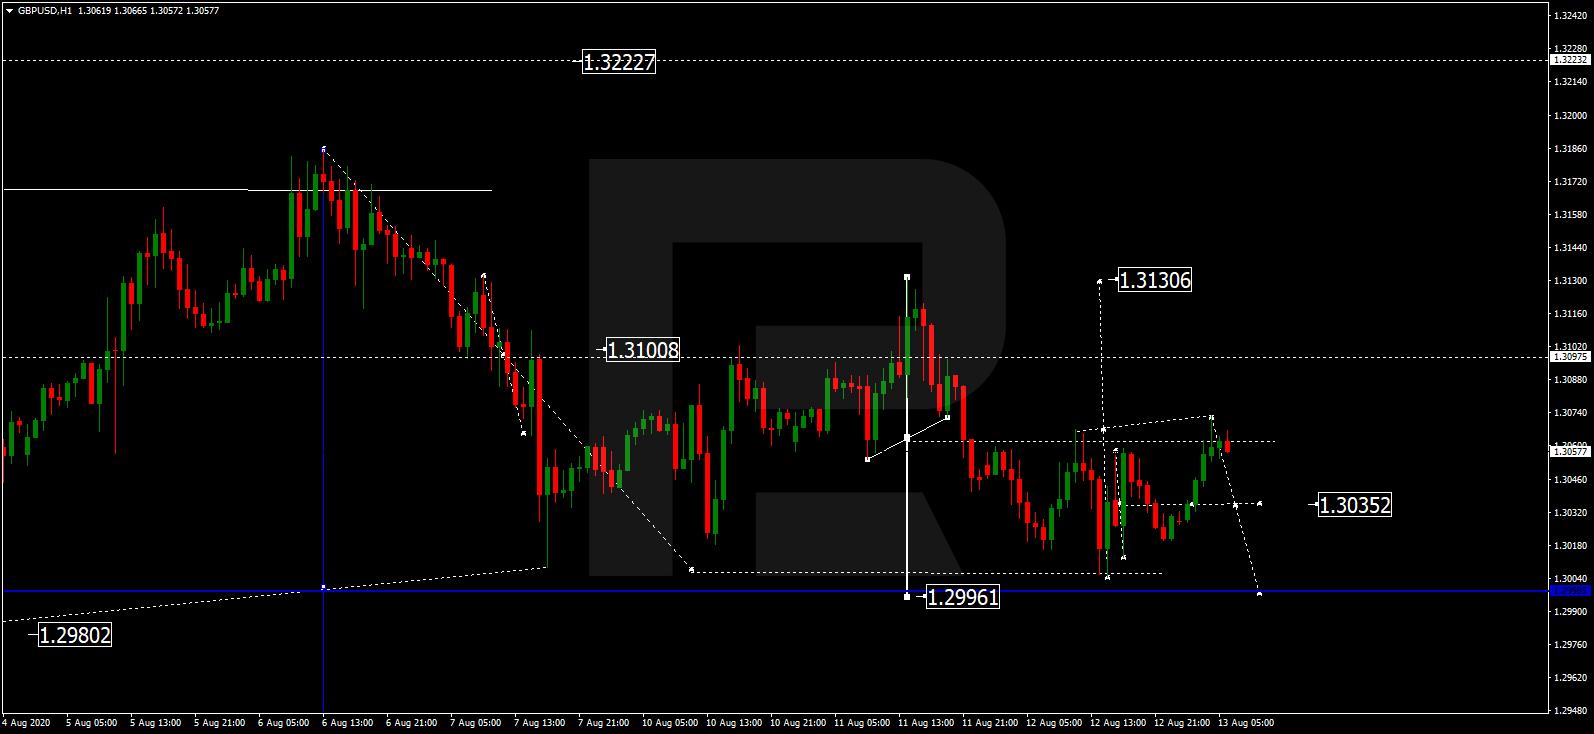 GBP USD الباوند (الجنيه الاسترليني) دولار